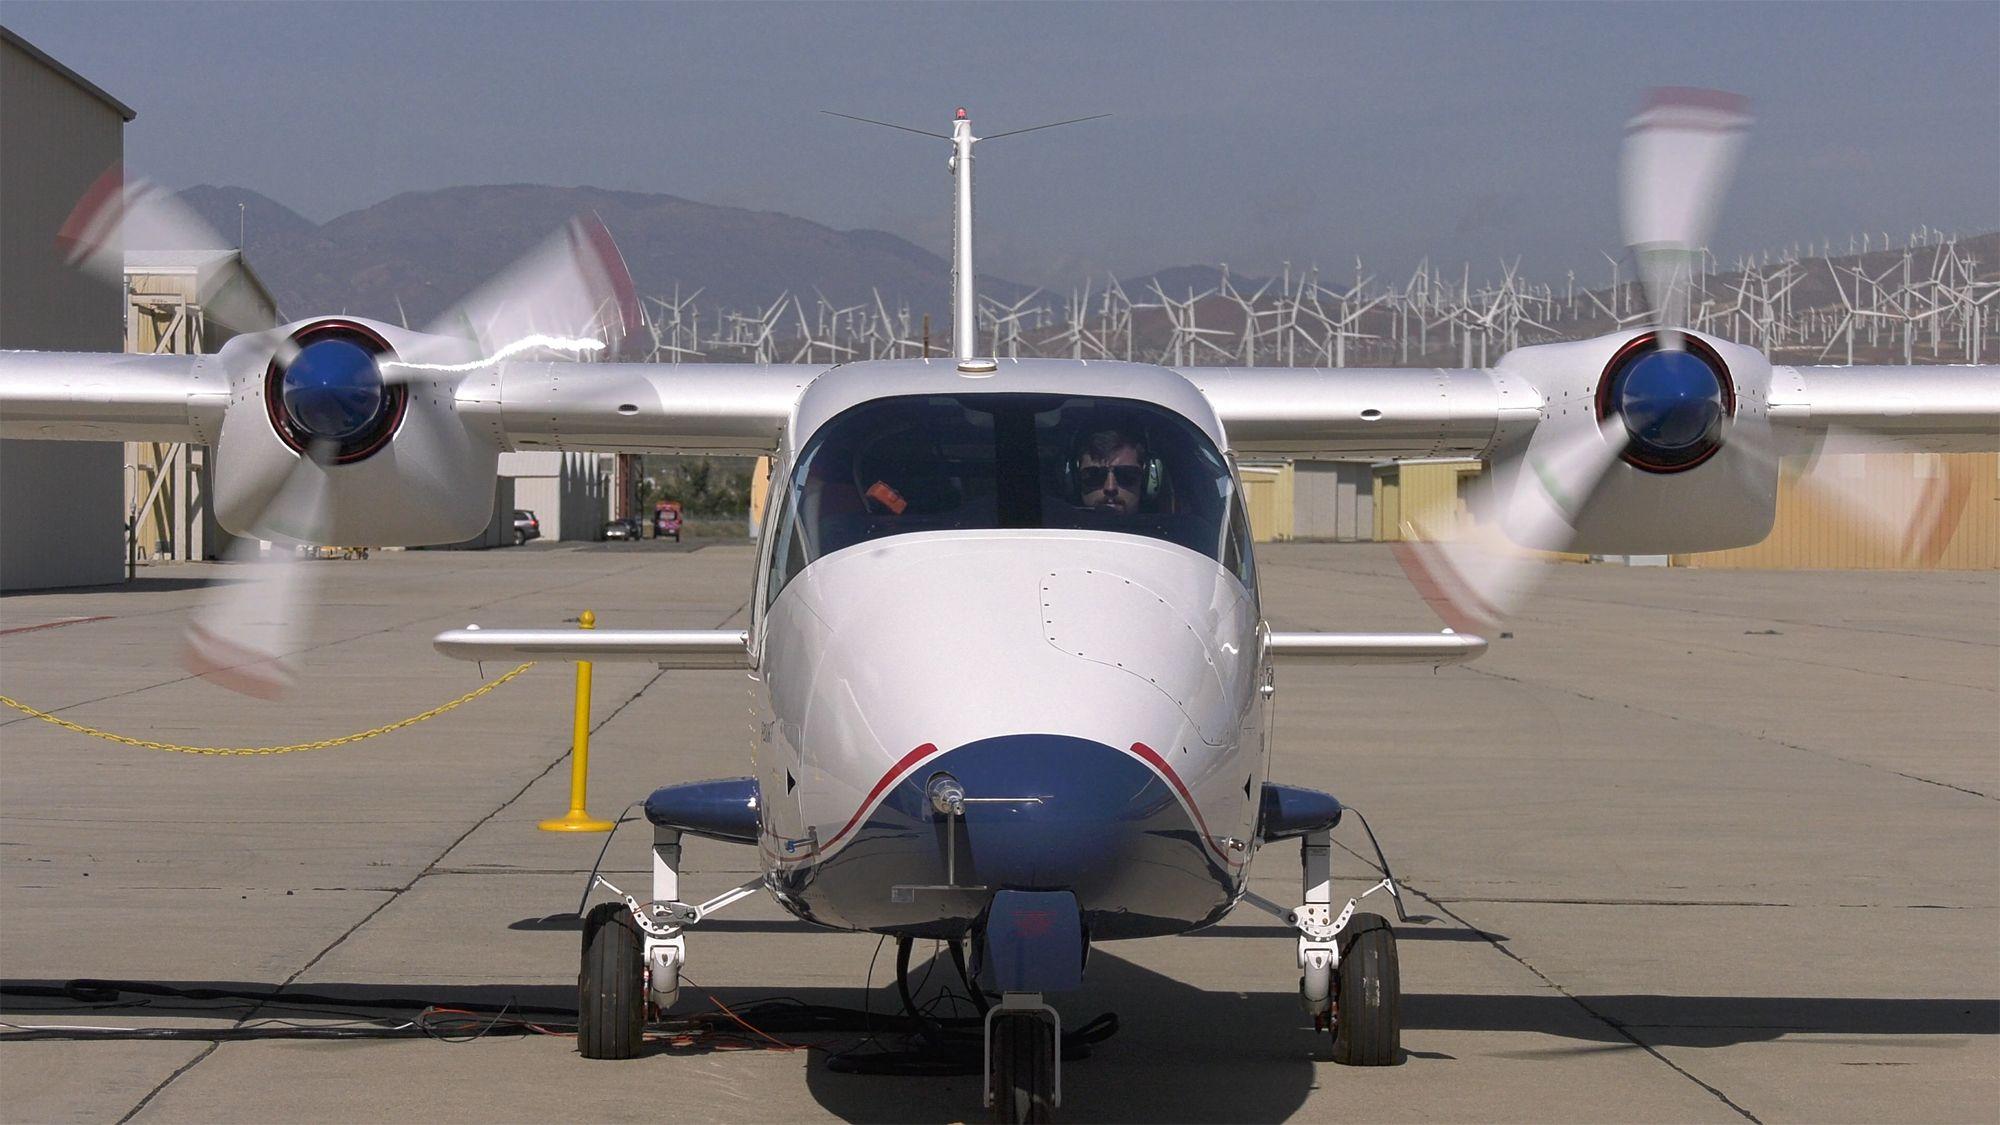 nasa aircraft inventory - 1260×660